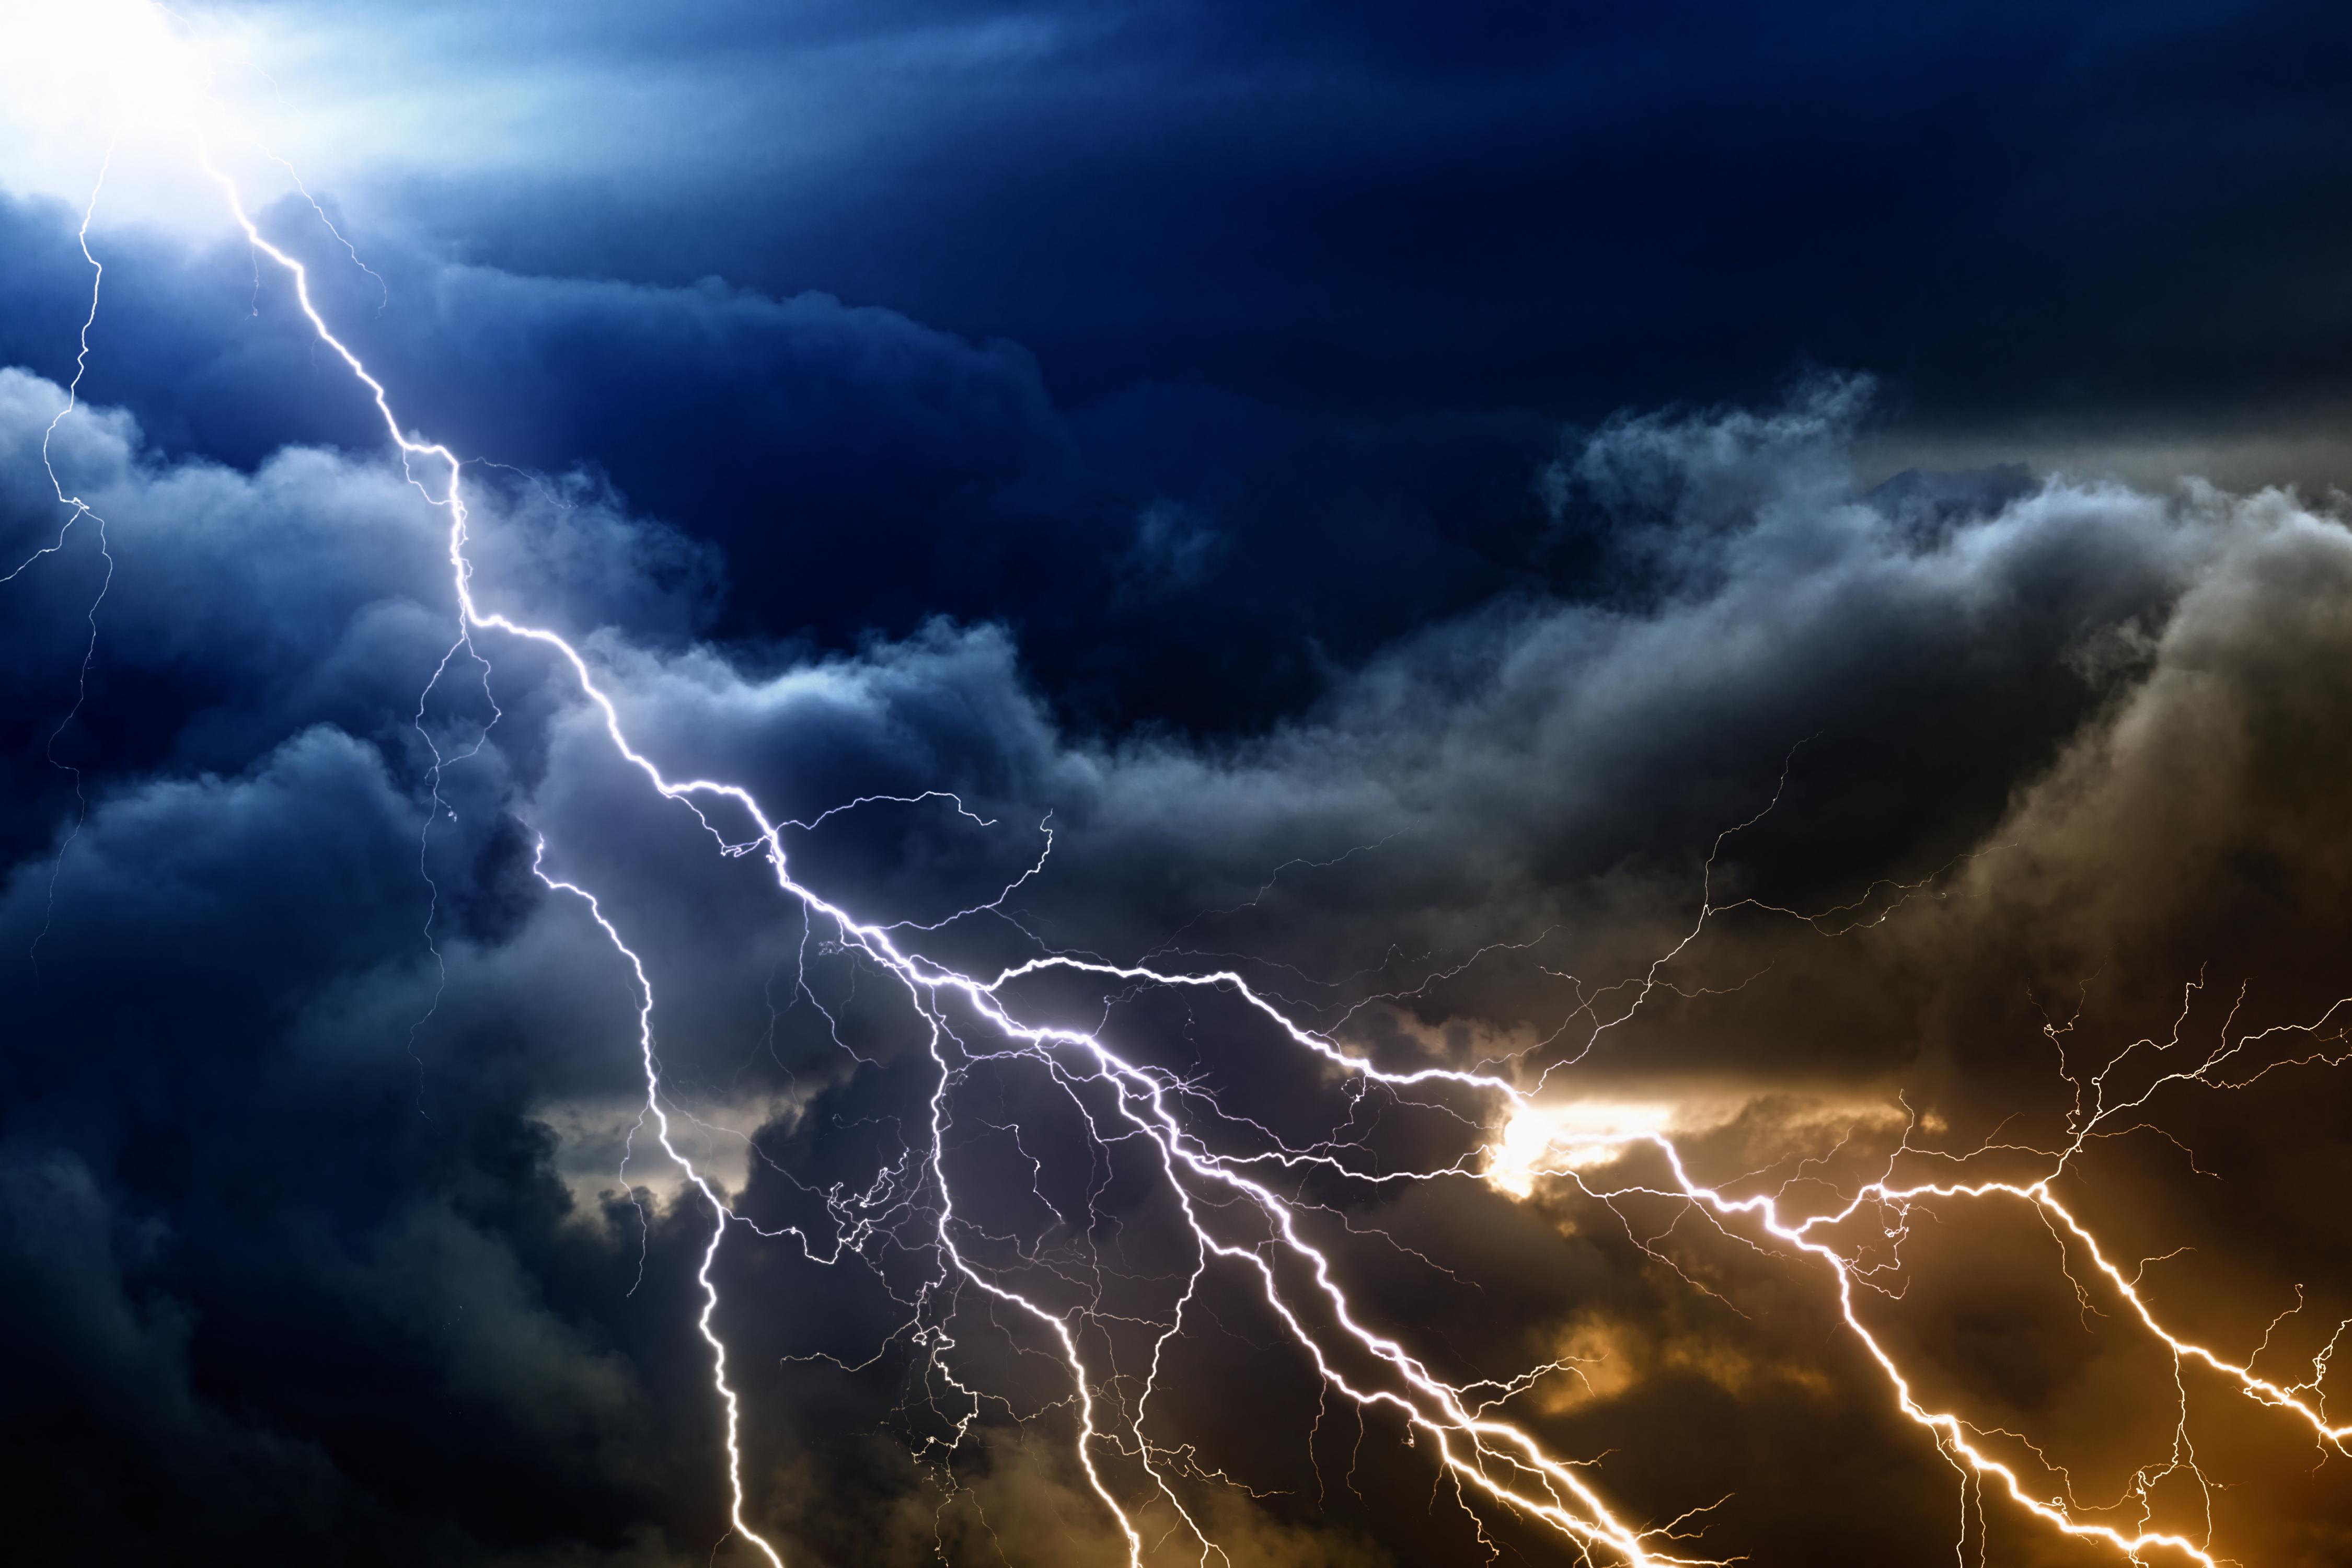 Lightning desktop - Lightning wallpaper 4k ...